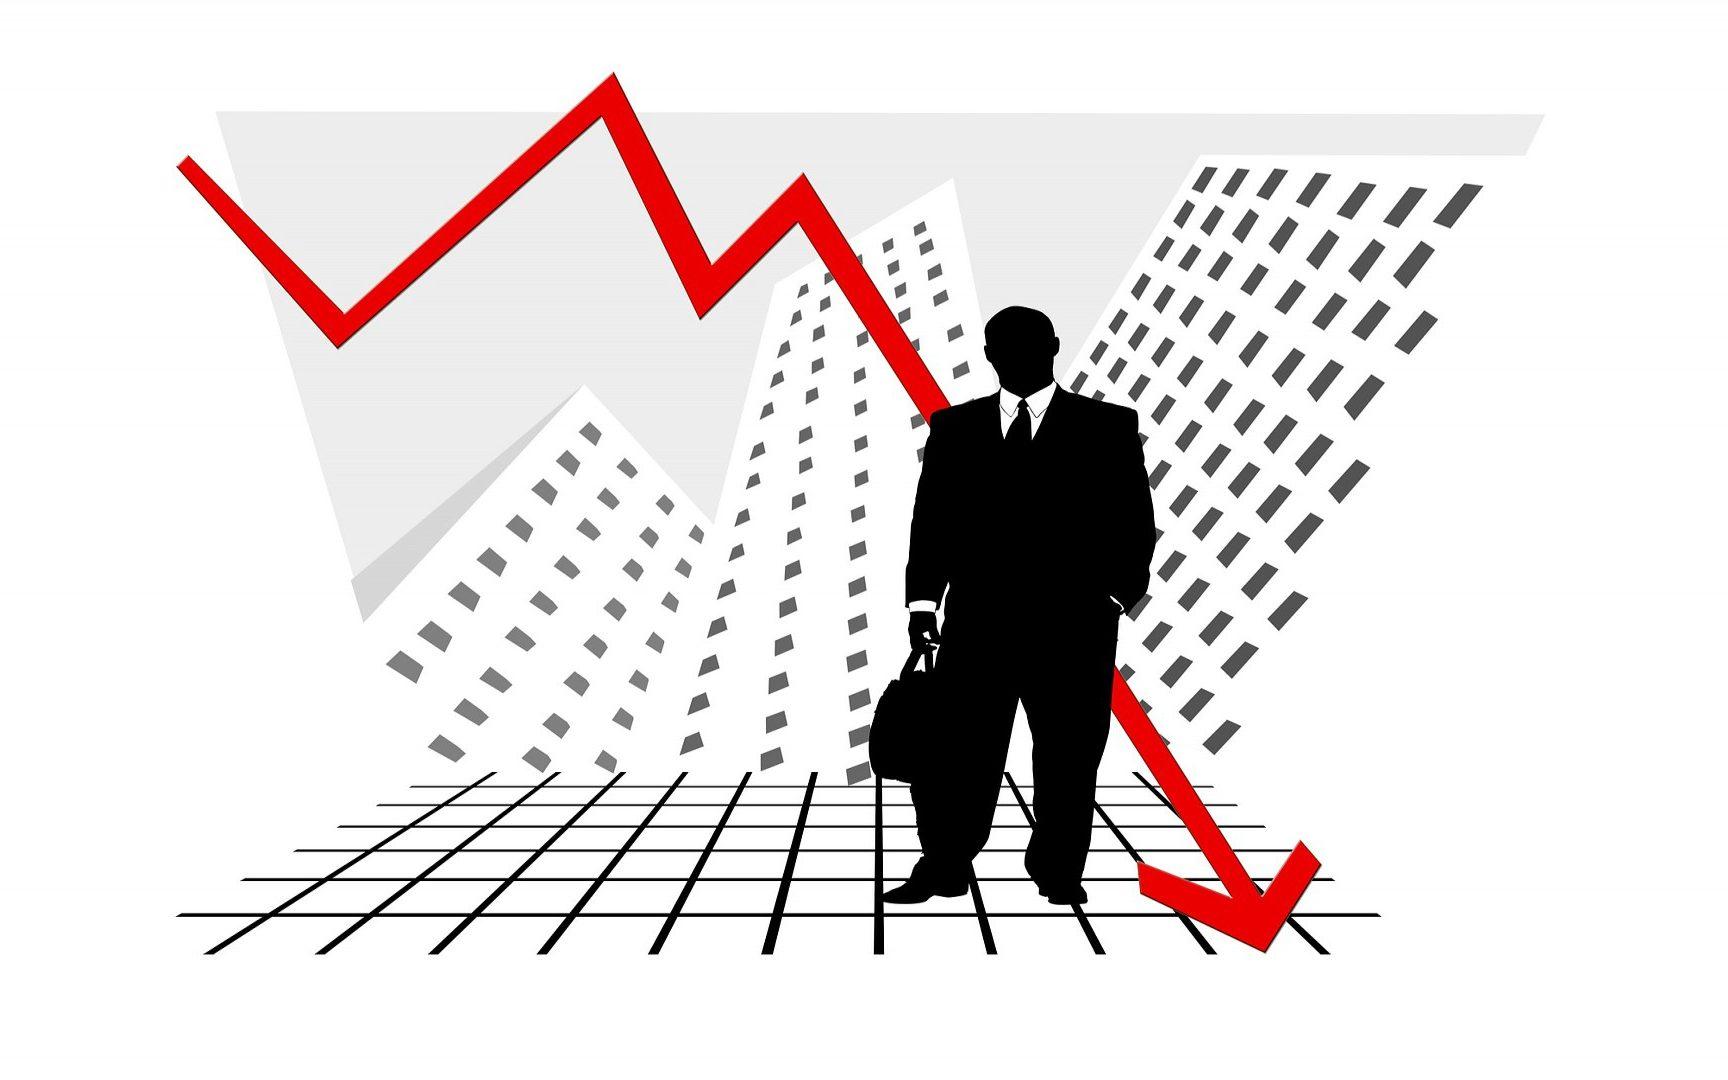 Ontslag bedrijfseconomische omstandigheden III